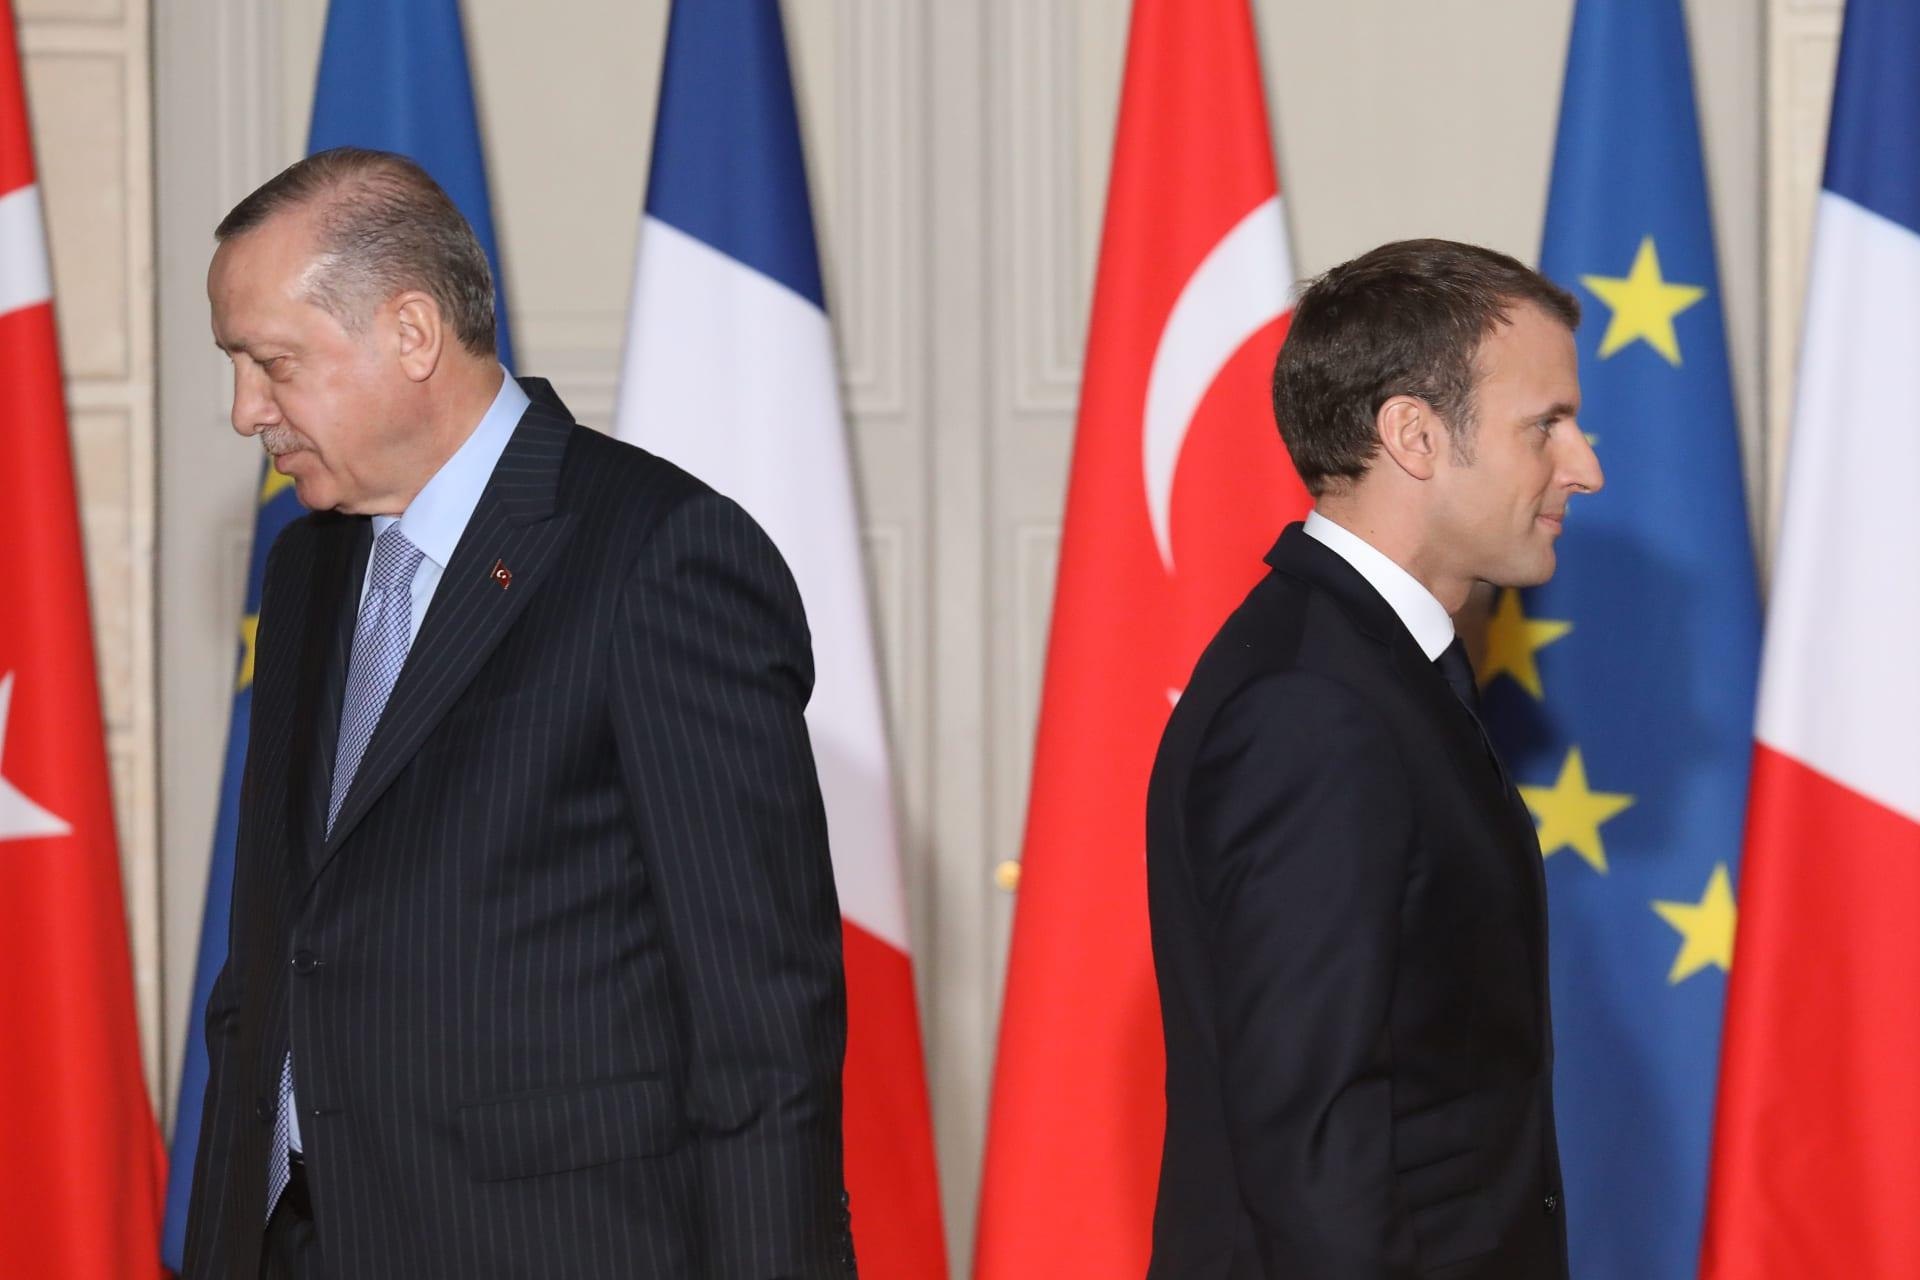 """""""إهانة وفظاظة غير مقبولة"""".. فرنسا ترفض تصريحات أردوغان عن ماكرون.. وتستدعي سفيرها"""